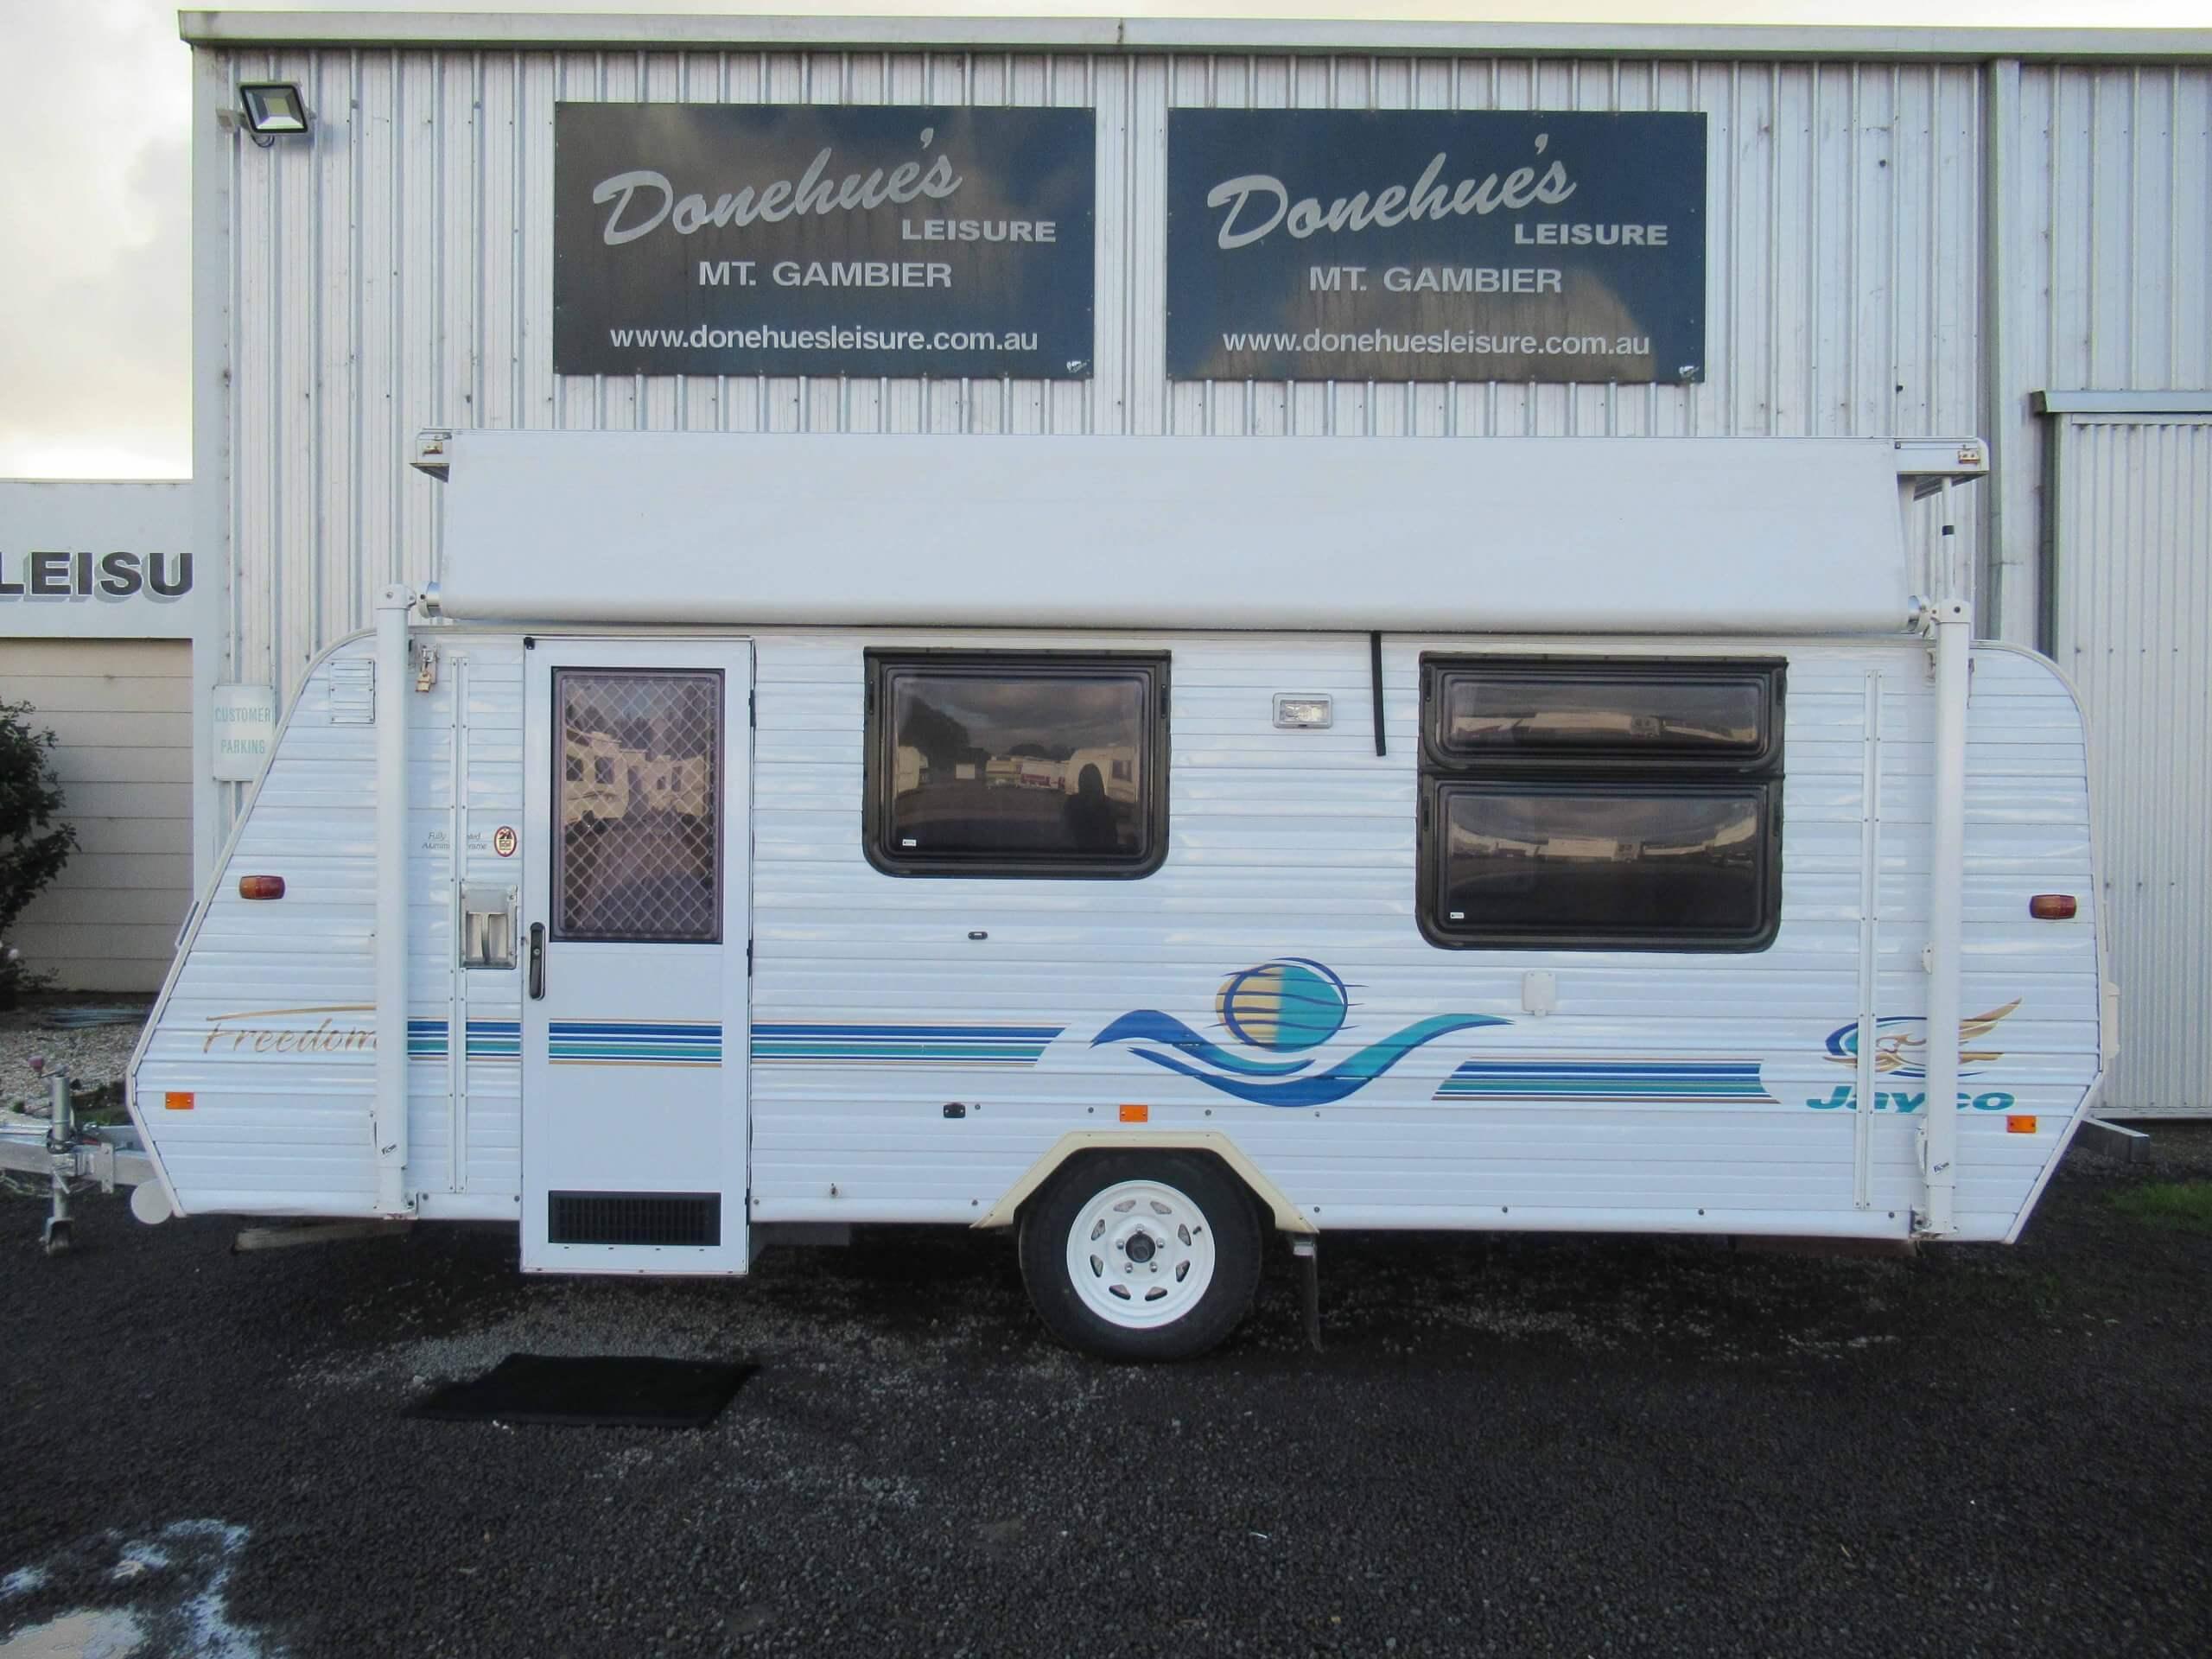 Donehues Leisure Used Jayco Freedom Poptop Caravan Mt Gambier 21961M 12